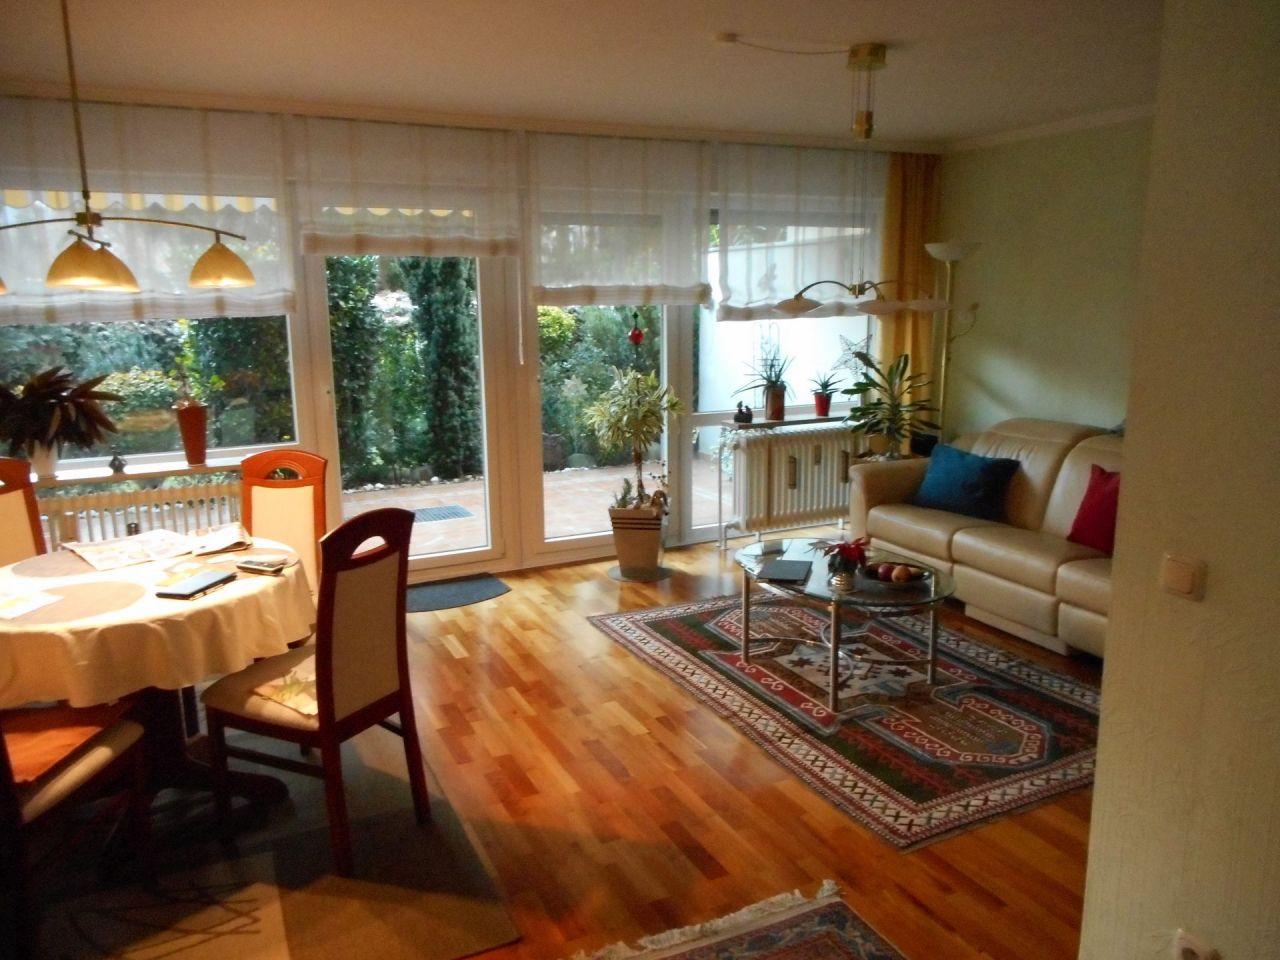 Wohnung Zur Miete In München Moosach Gepflegte Terrassenwohnung